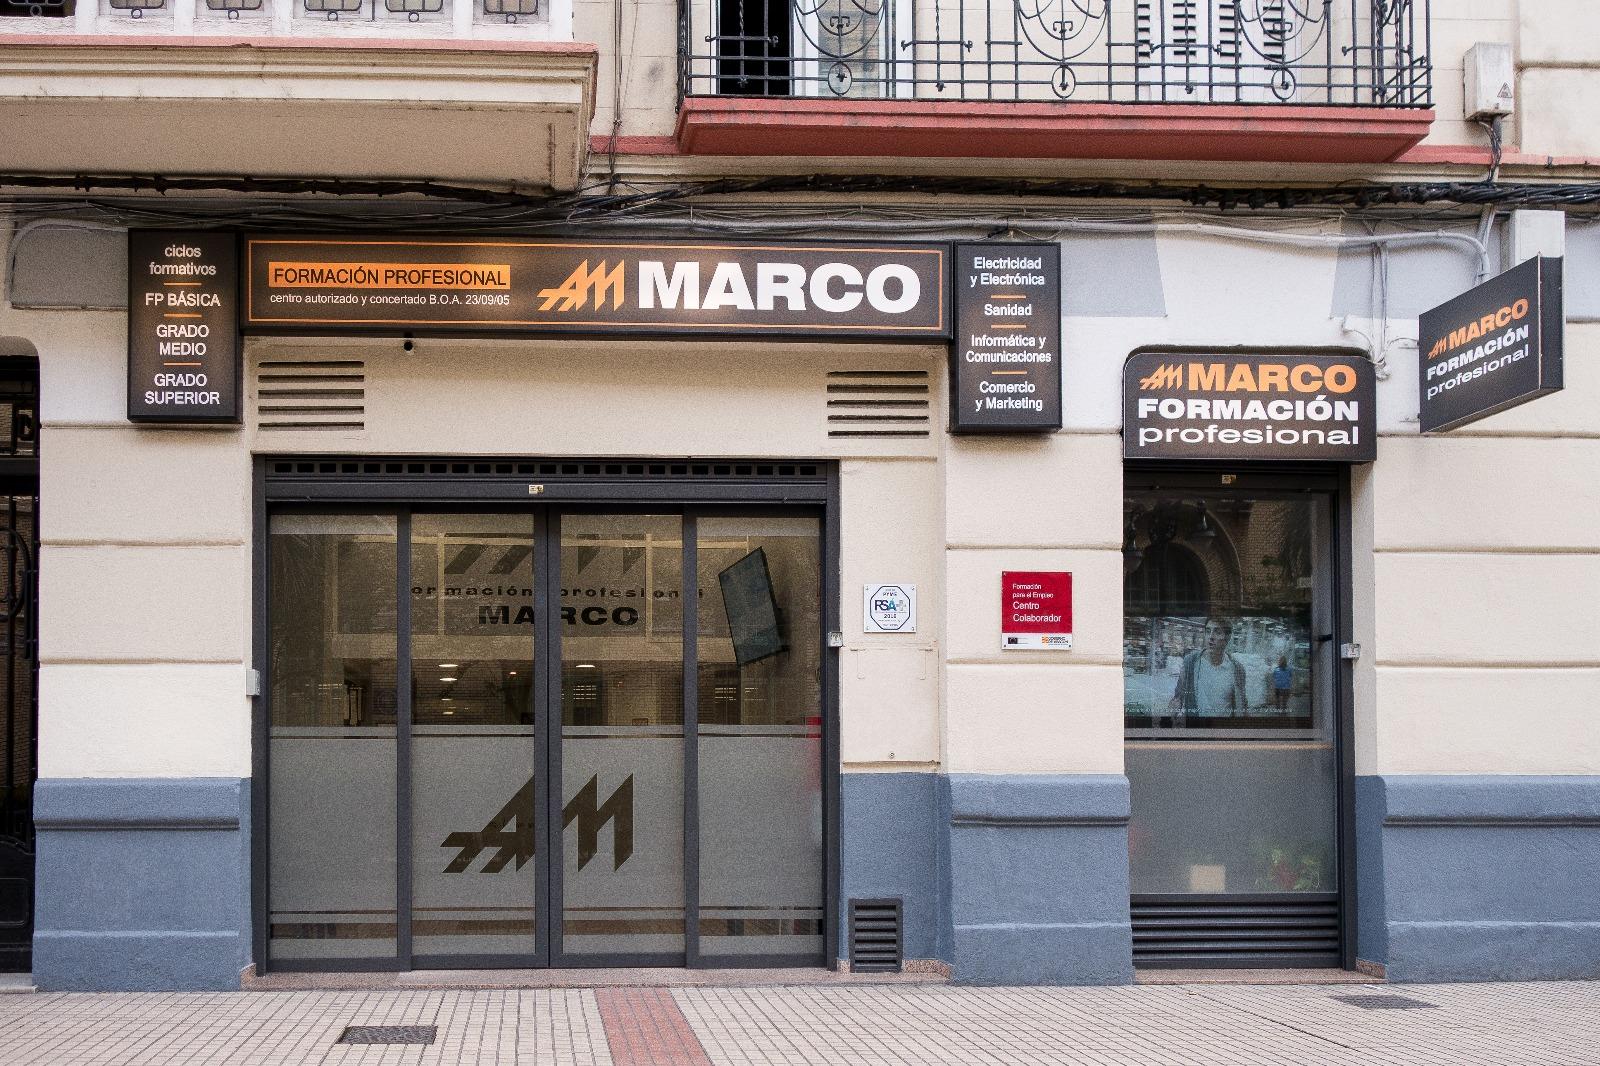 Centro de formación profesional Marco